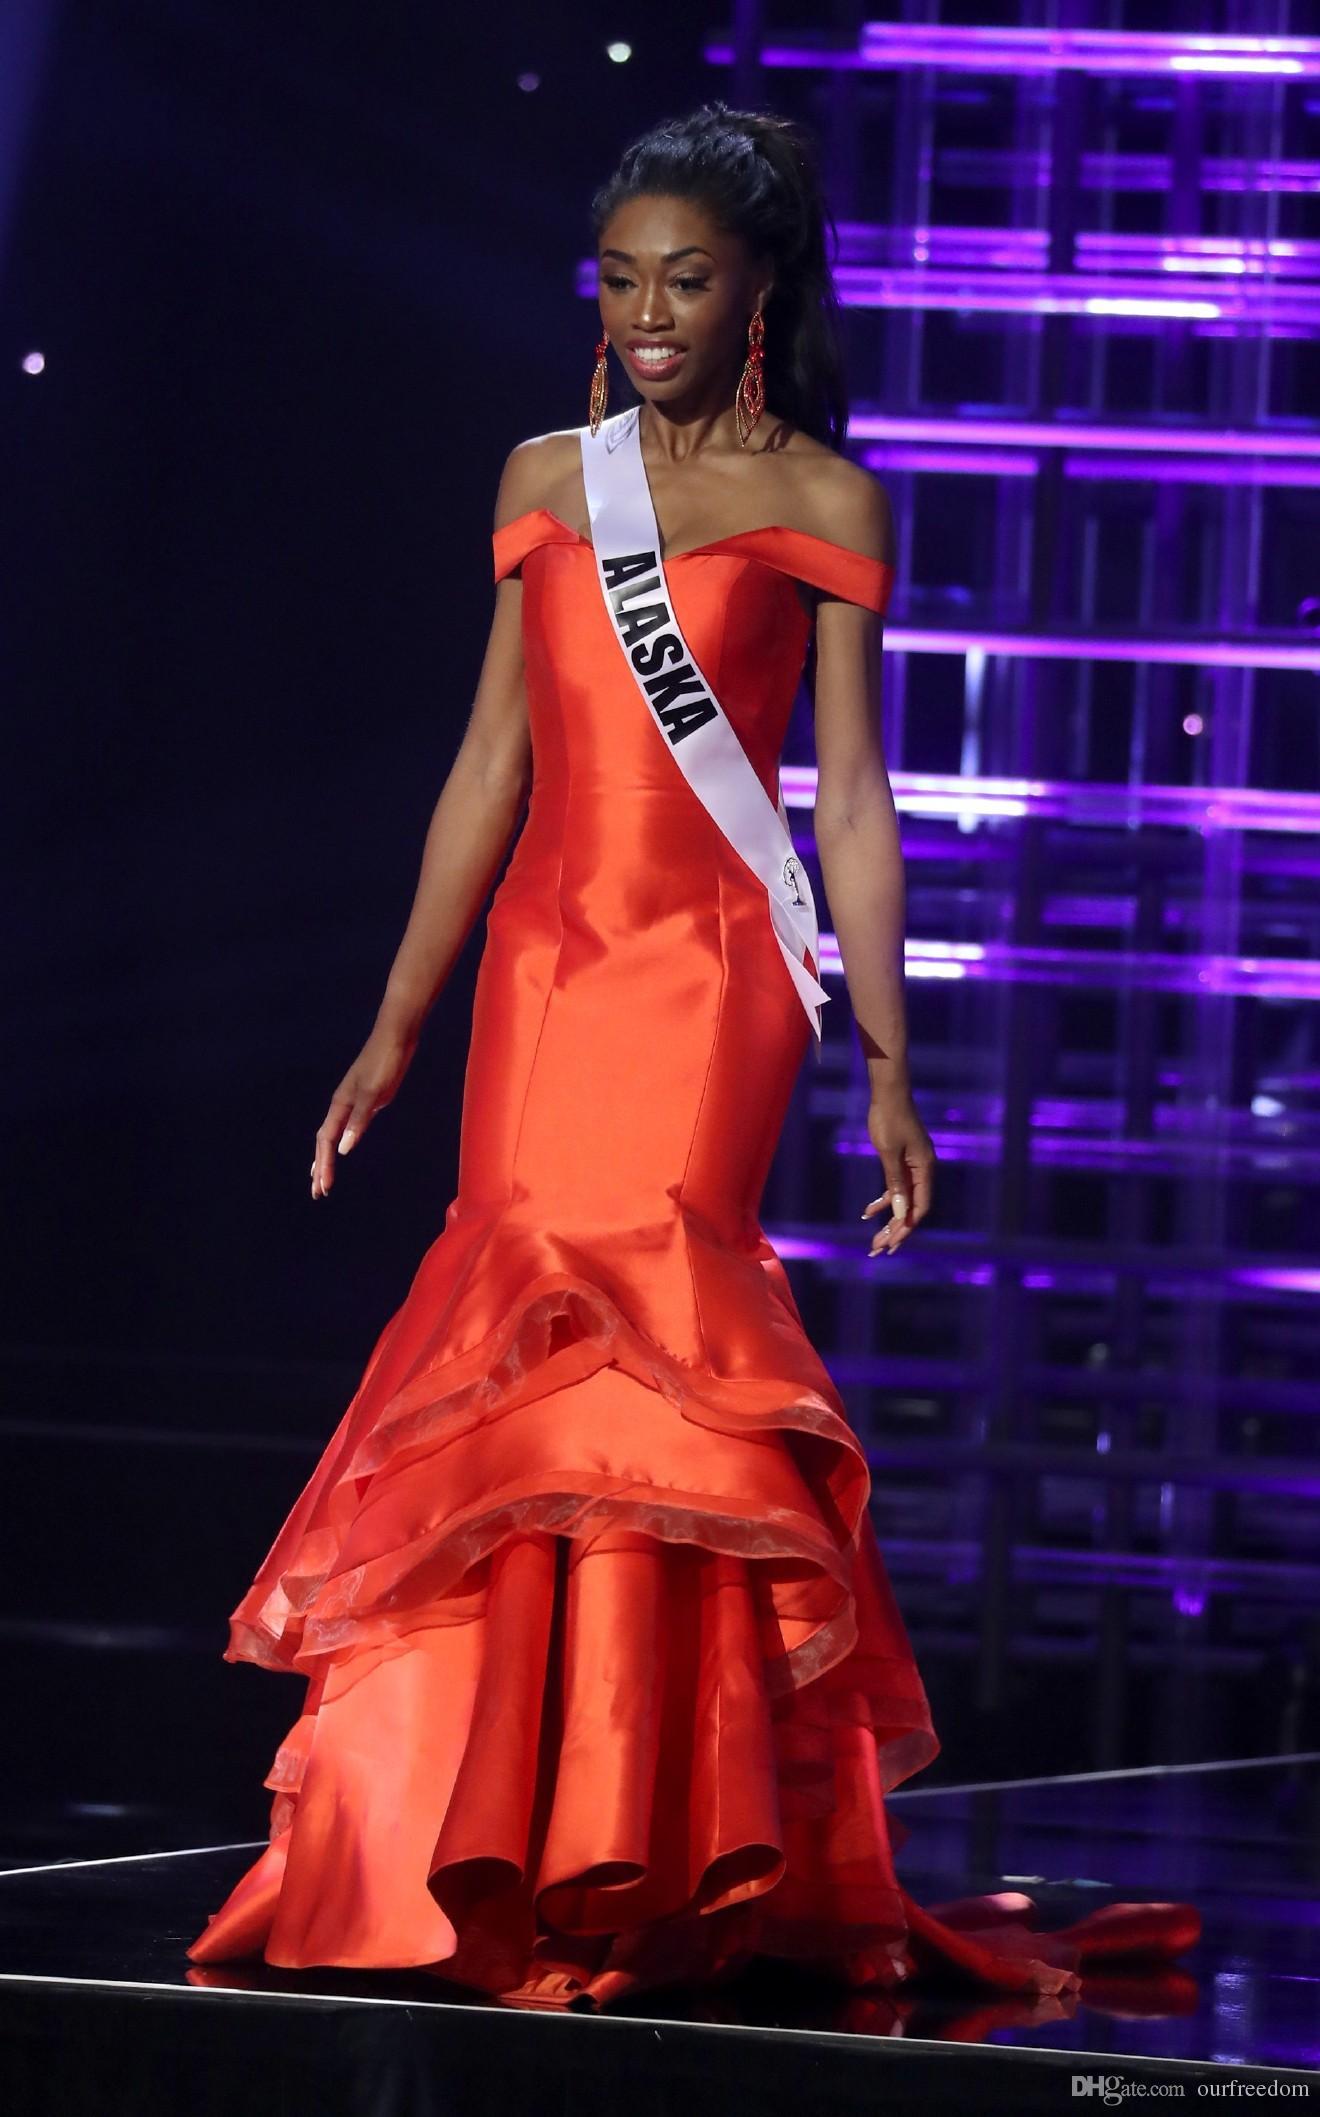 Custom Made MISS TEEN USA 2019 Pageant Robes De Bal Sirène Rouge Satin Tierd Jupes Robe De Célébrité À Volants Robes De Soirée Formelles